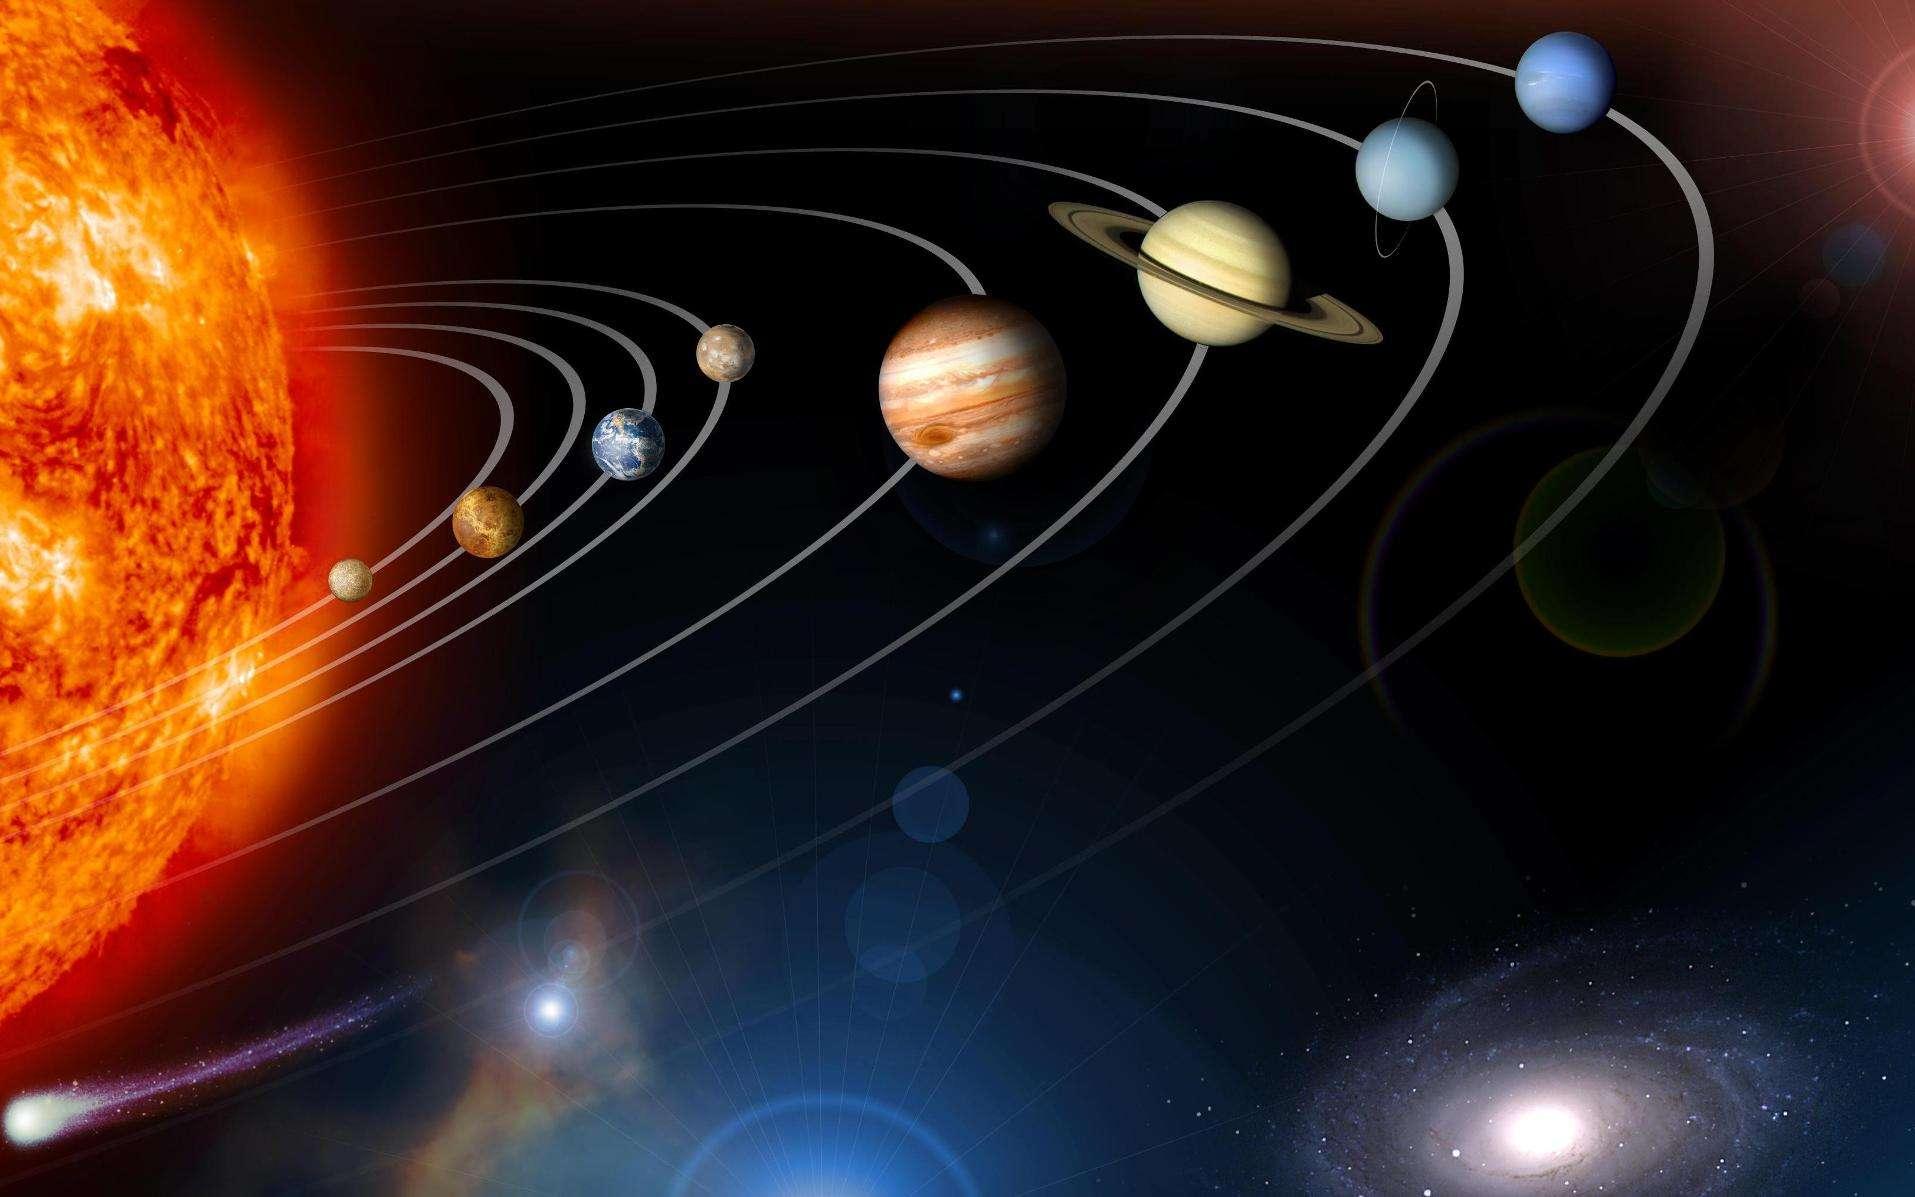 Une vue d'artiste, pas à l'échelle, du Système solaire. © Nasa